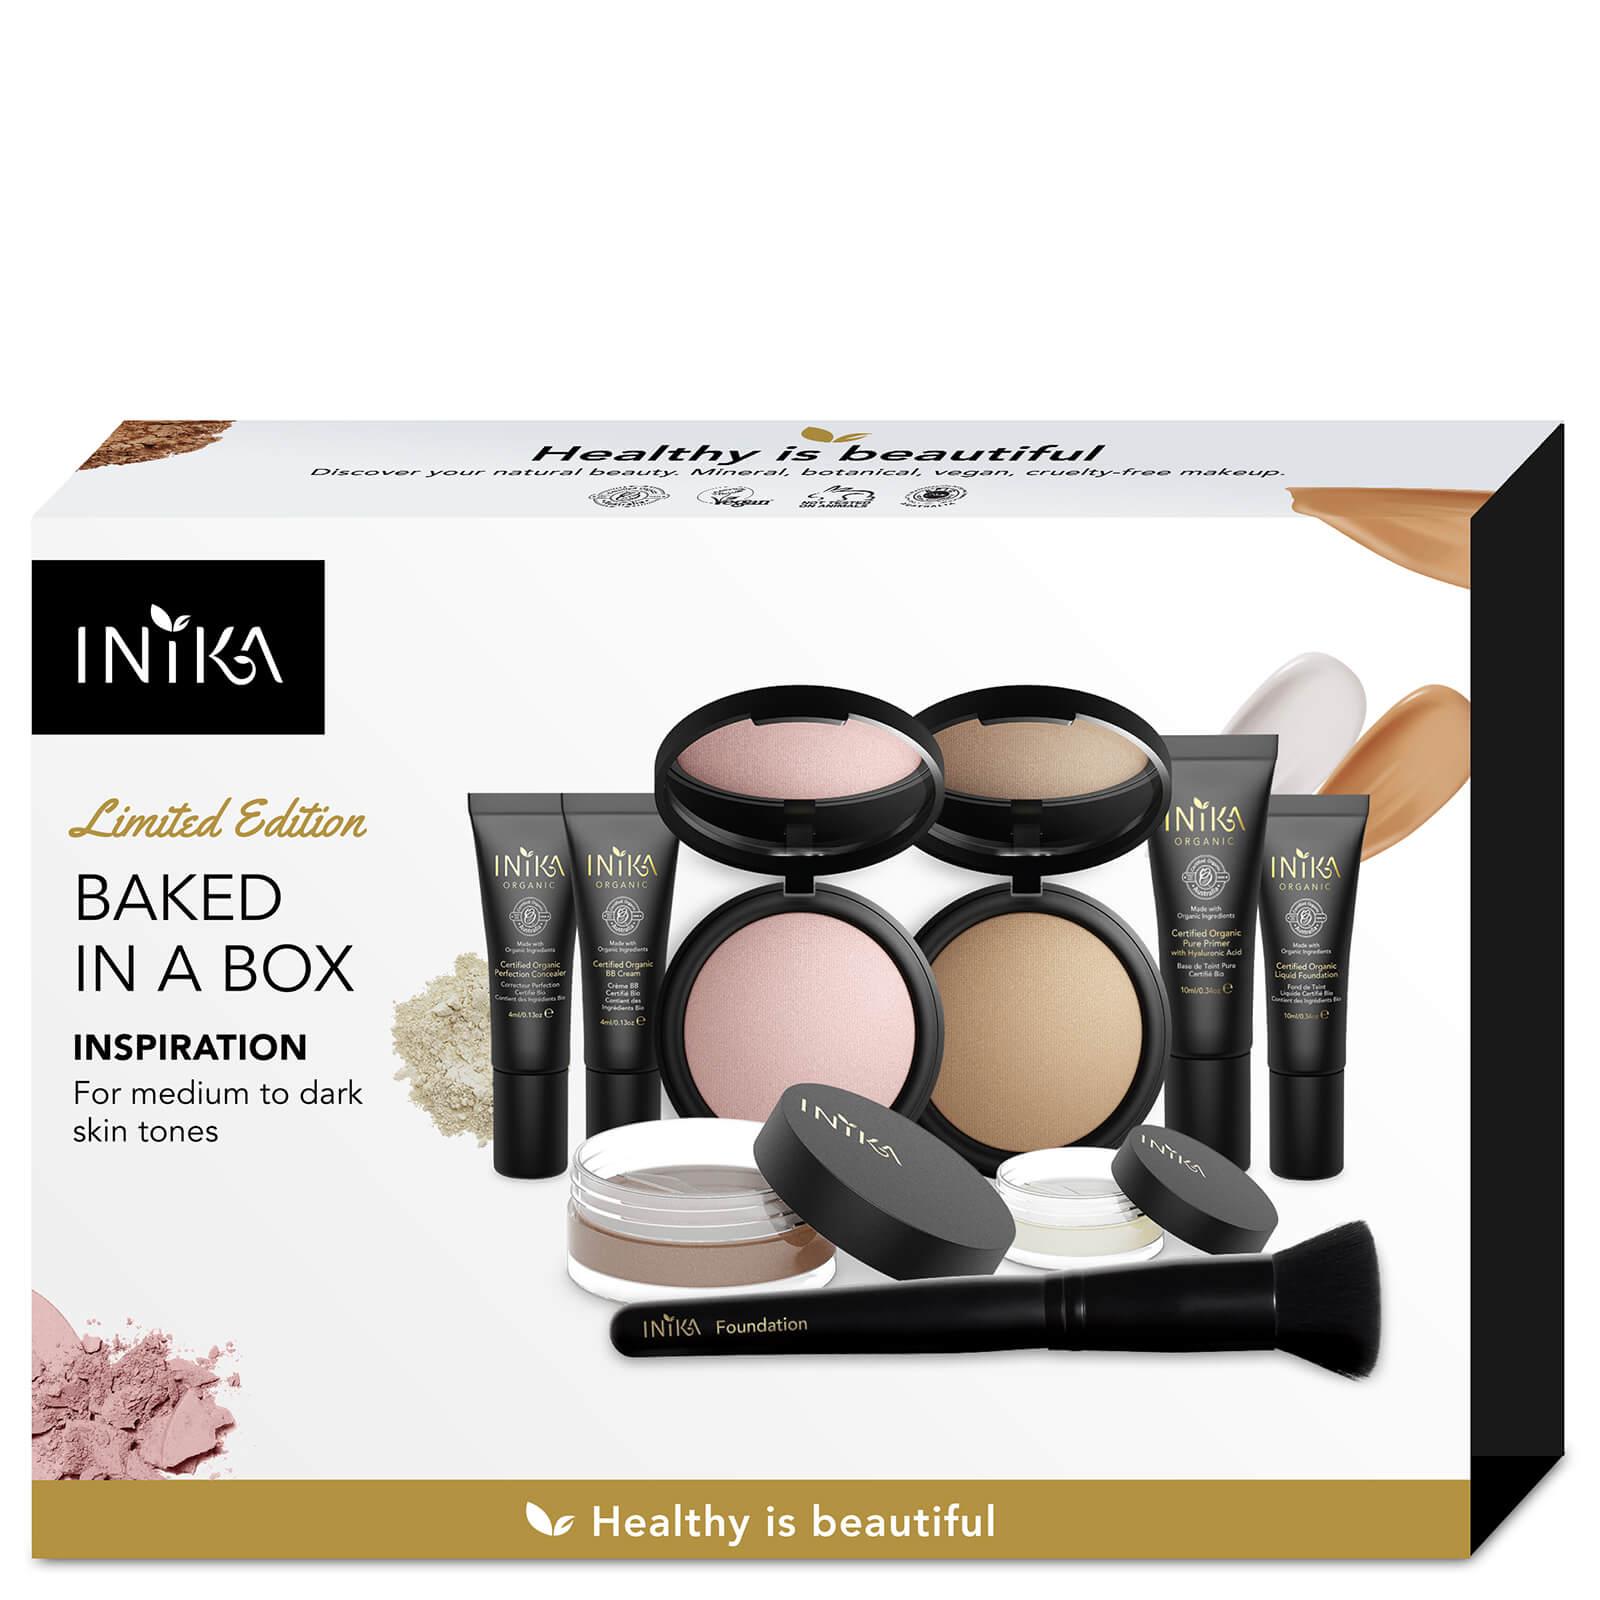 INIKA Kit de Produits Essentiels Baked in a Box INIKA – Inspiration